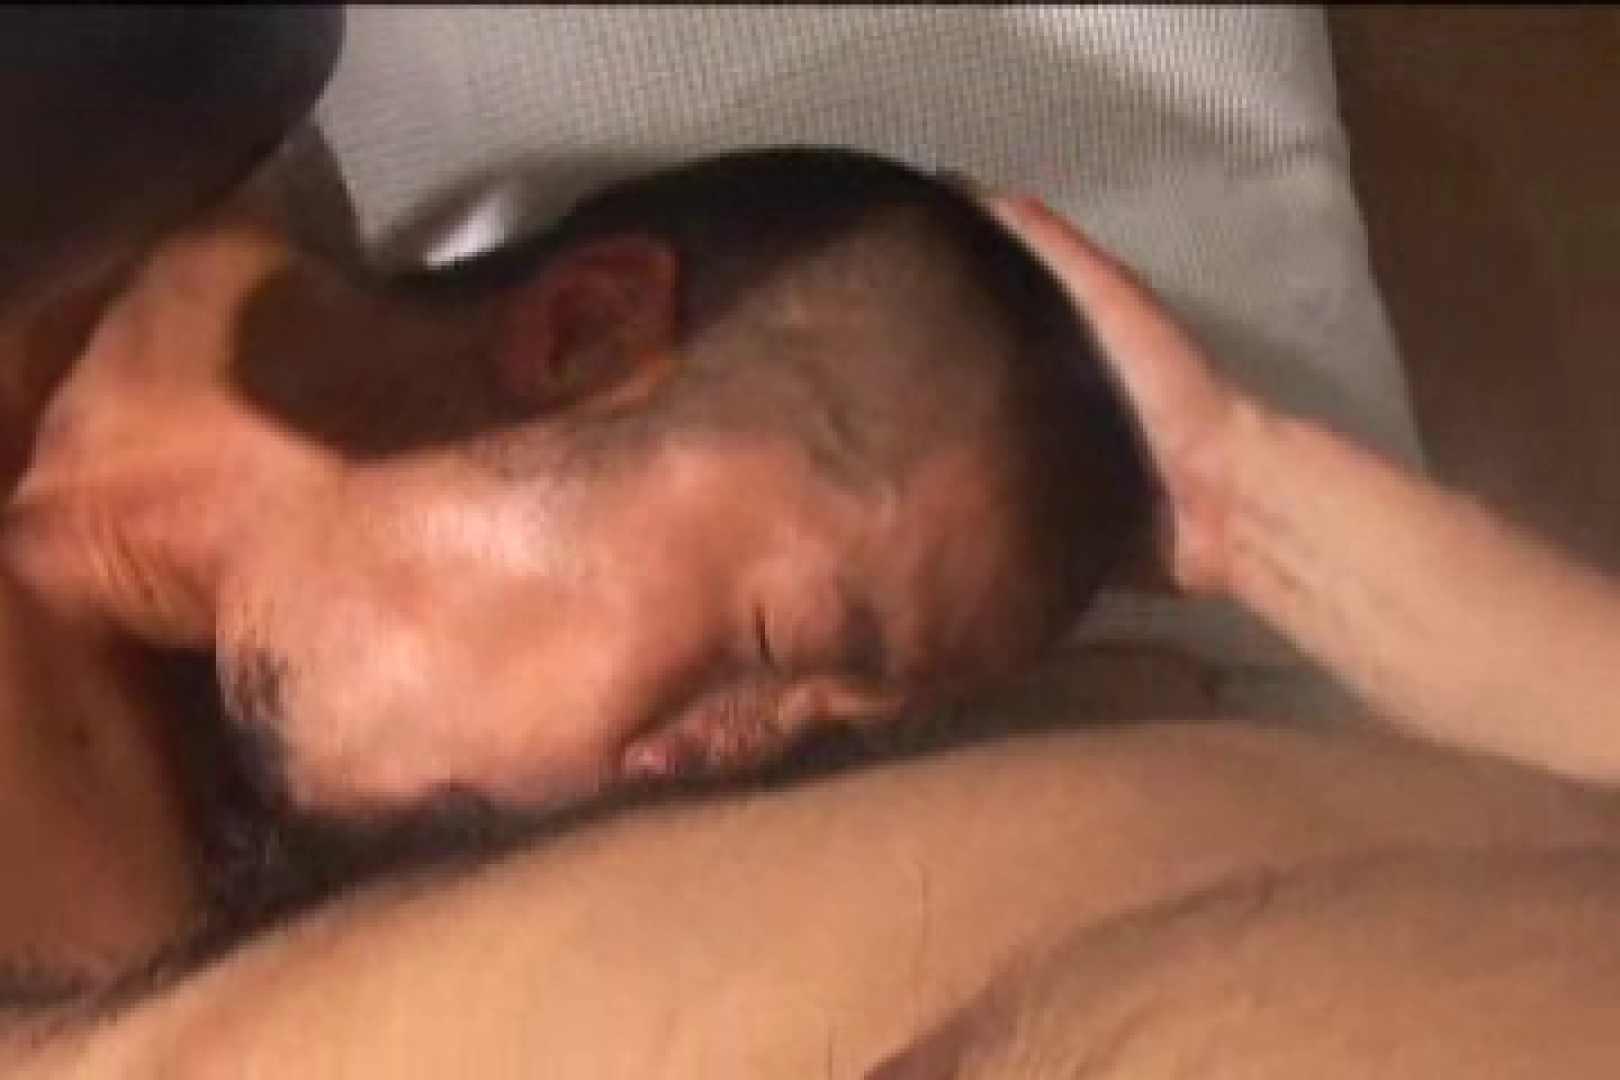 スポMENファック!!反り勃つ男根!!vol.15 ゲイのキス ゲイ丸見え画像 92pic 10